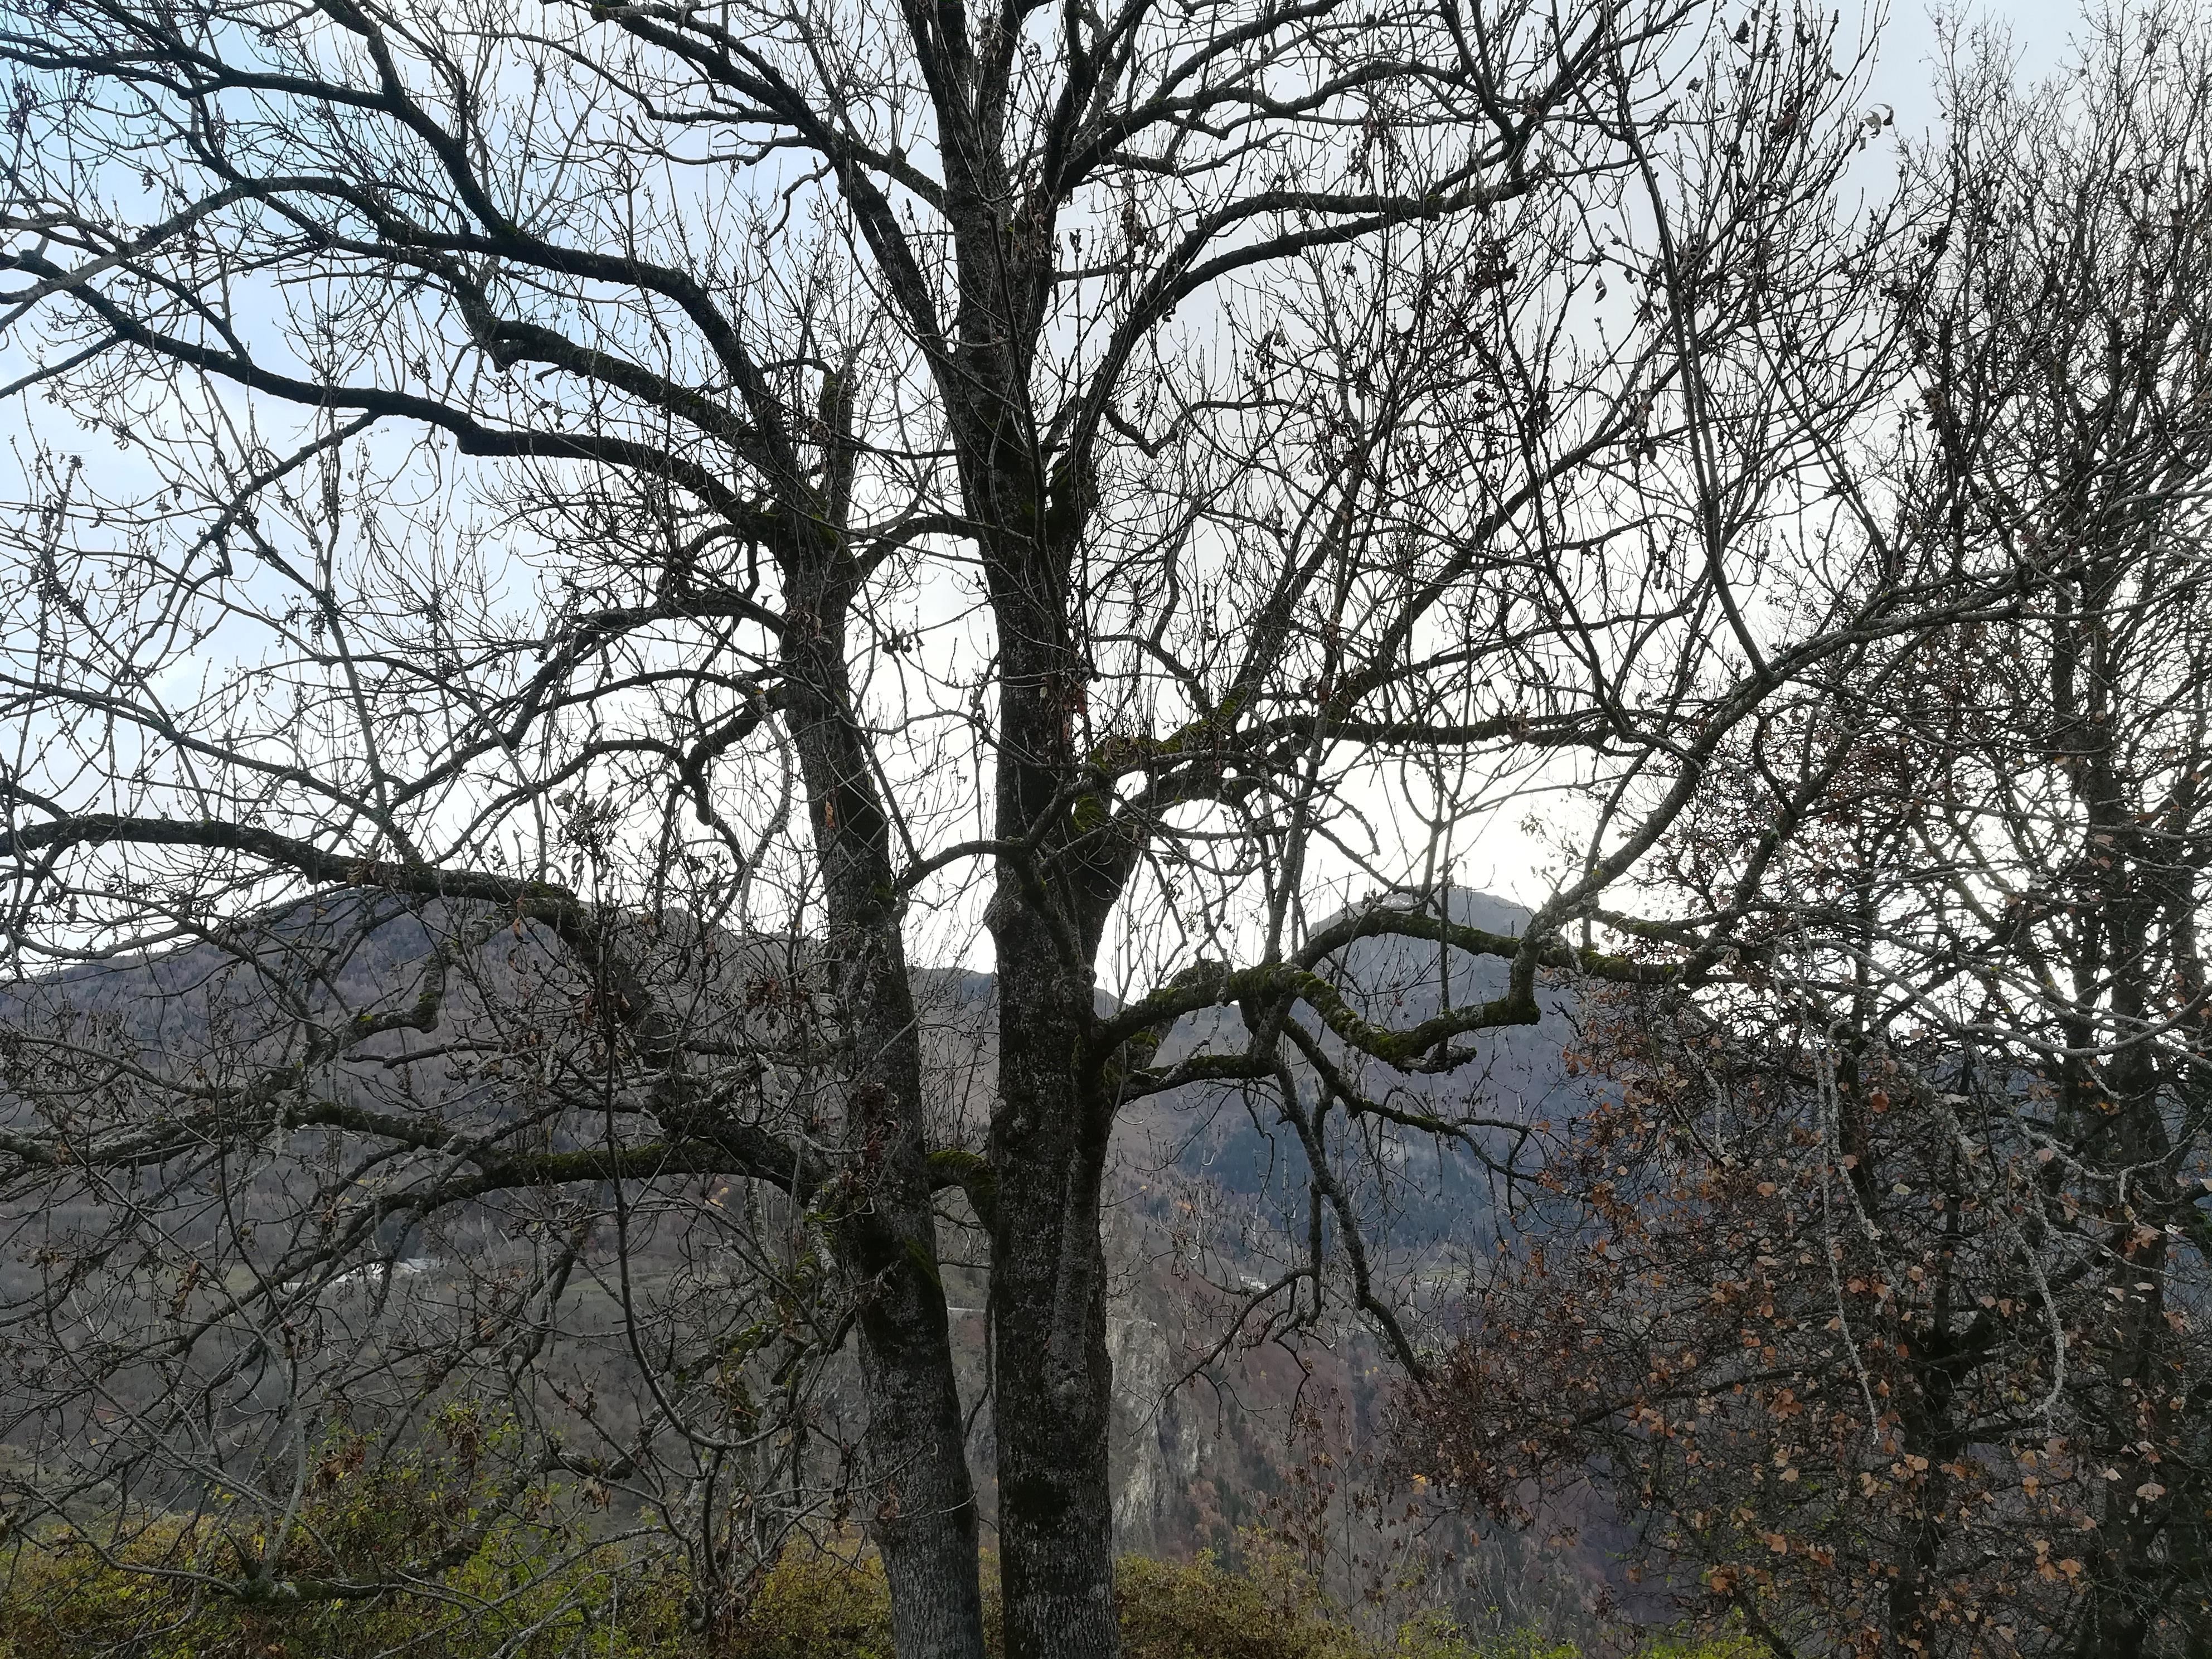 Un frêne à double tronc en automne